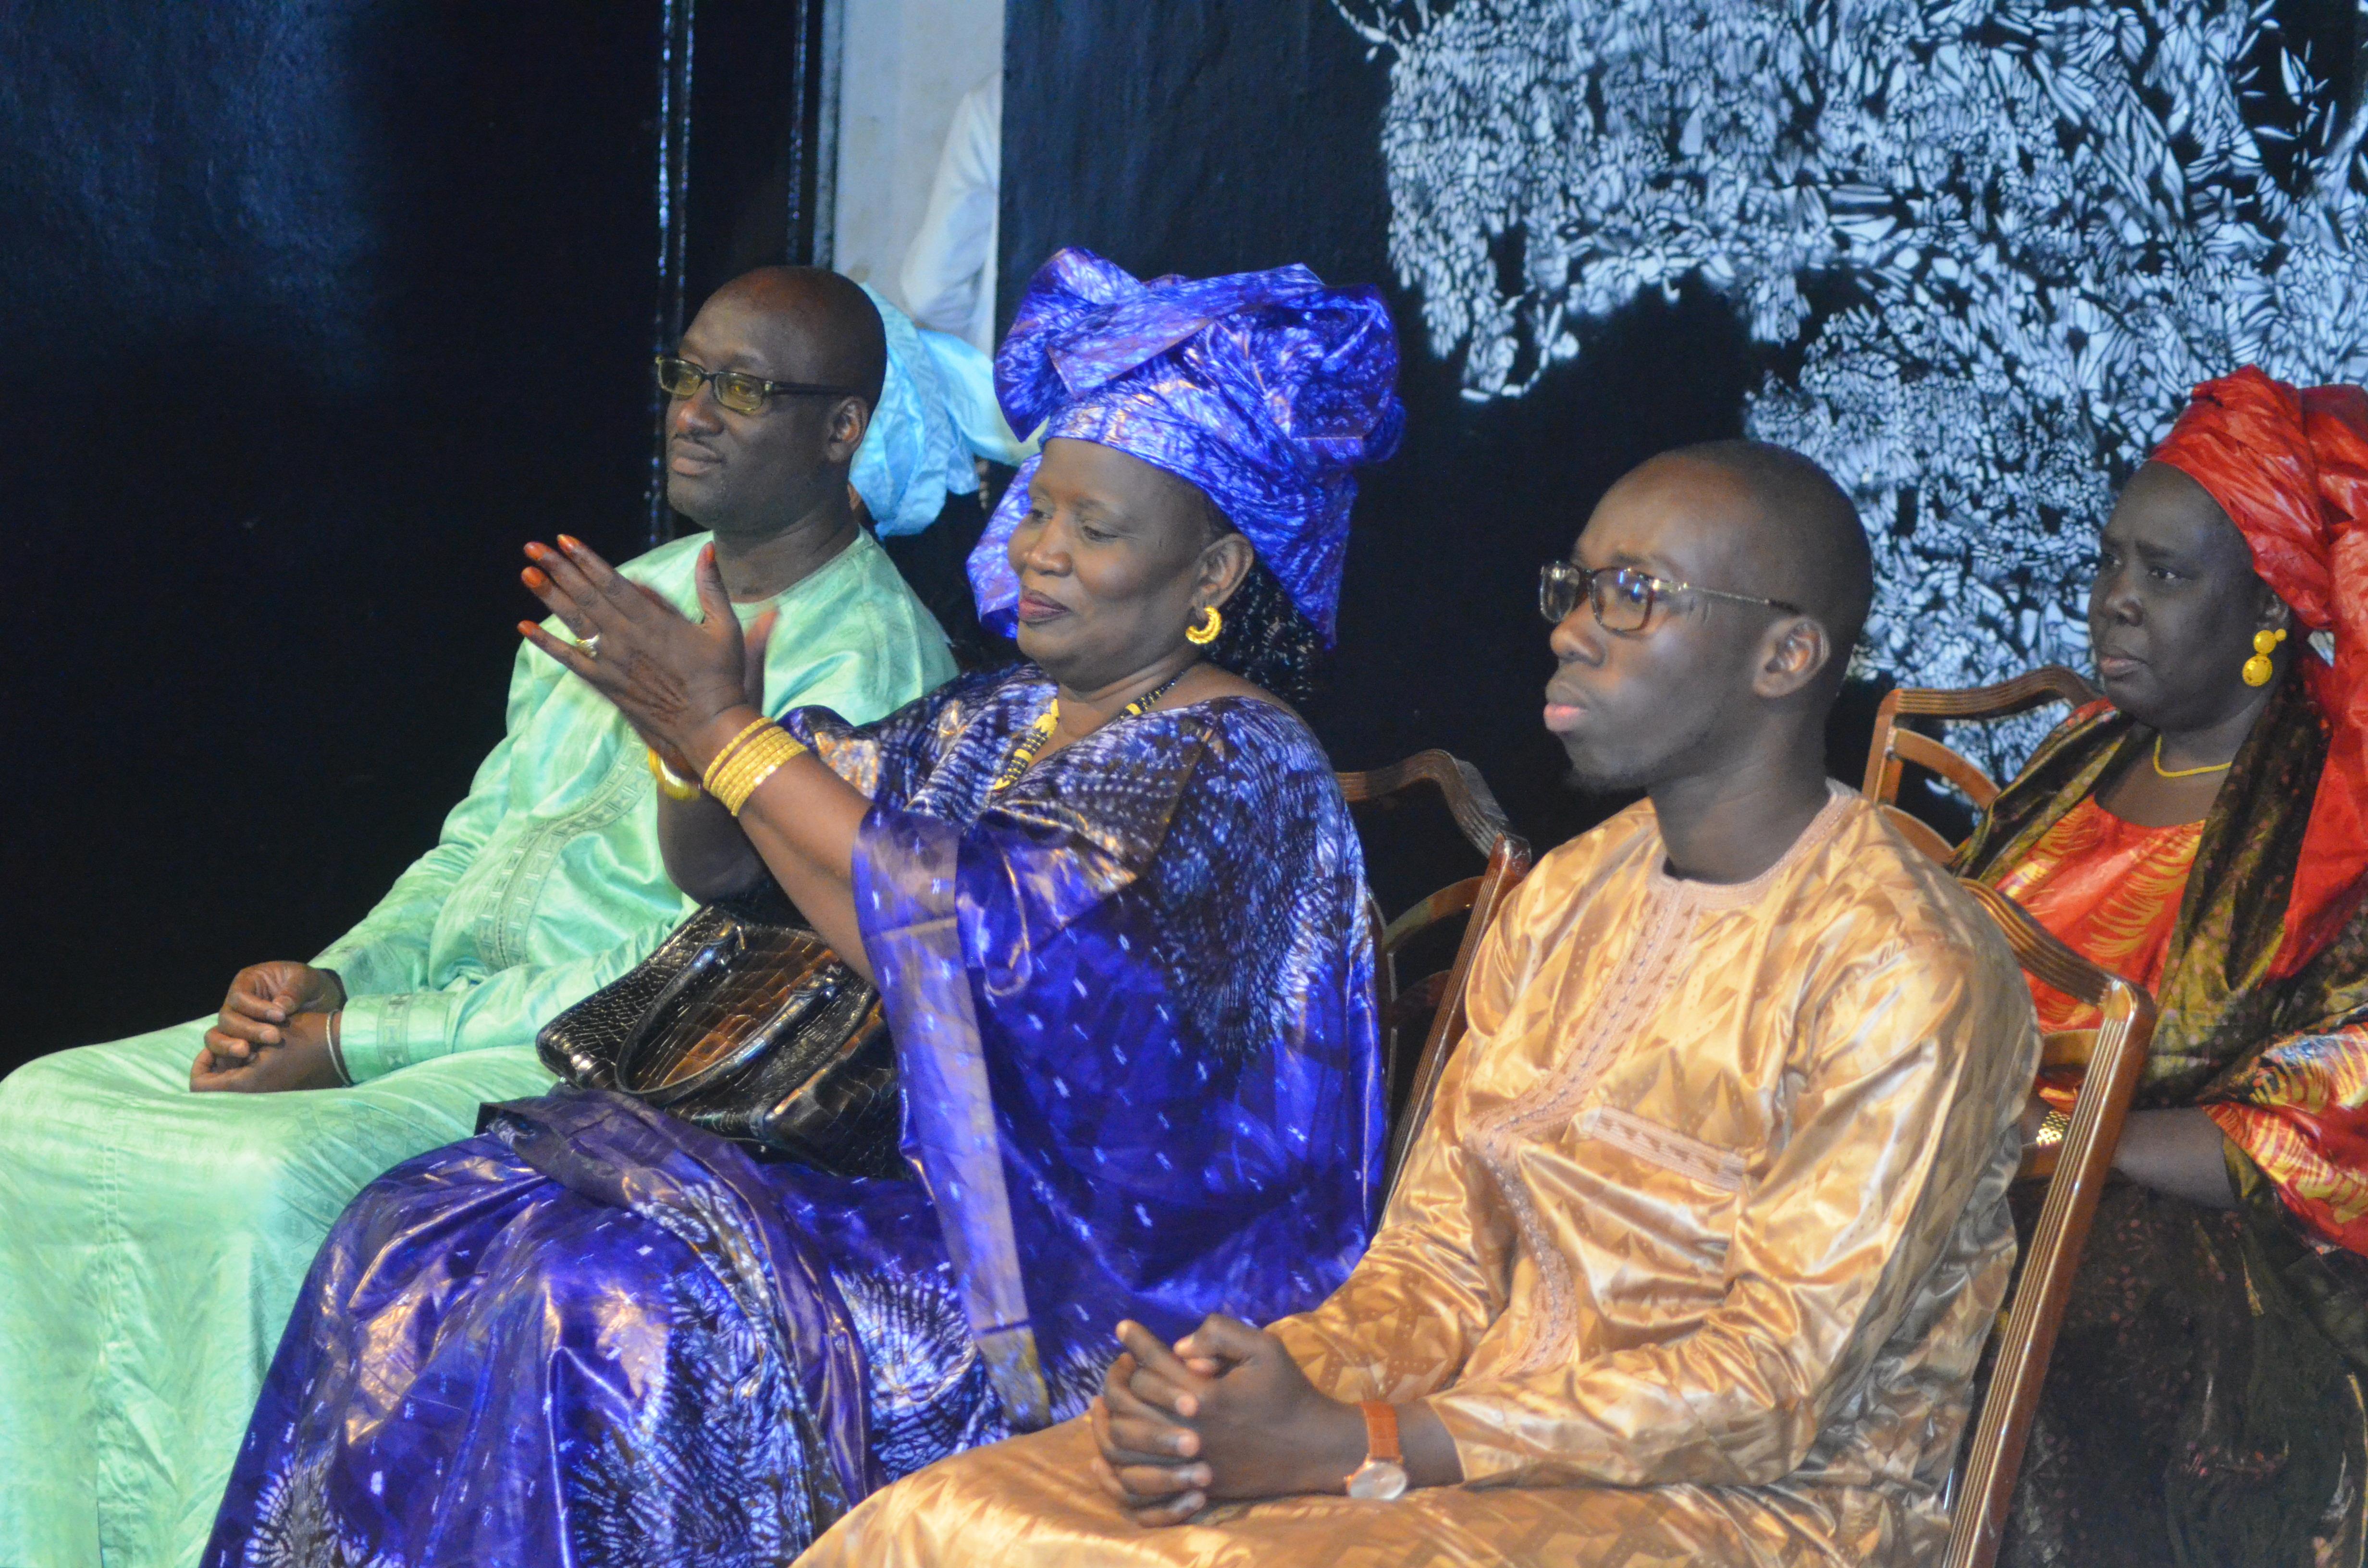 Première Edition soirée culturelle de l'Association Boyinadji Ma fierté de Bokidiawé, le parrain Bocar Abdoulaye Ly appelle à l'union des cœurs (16)